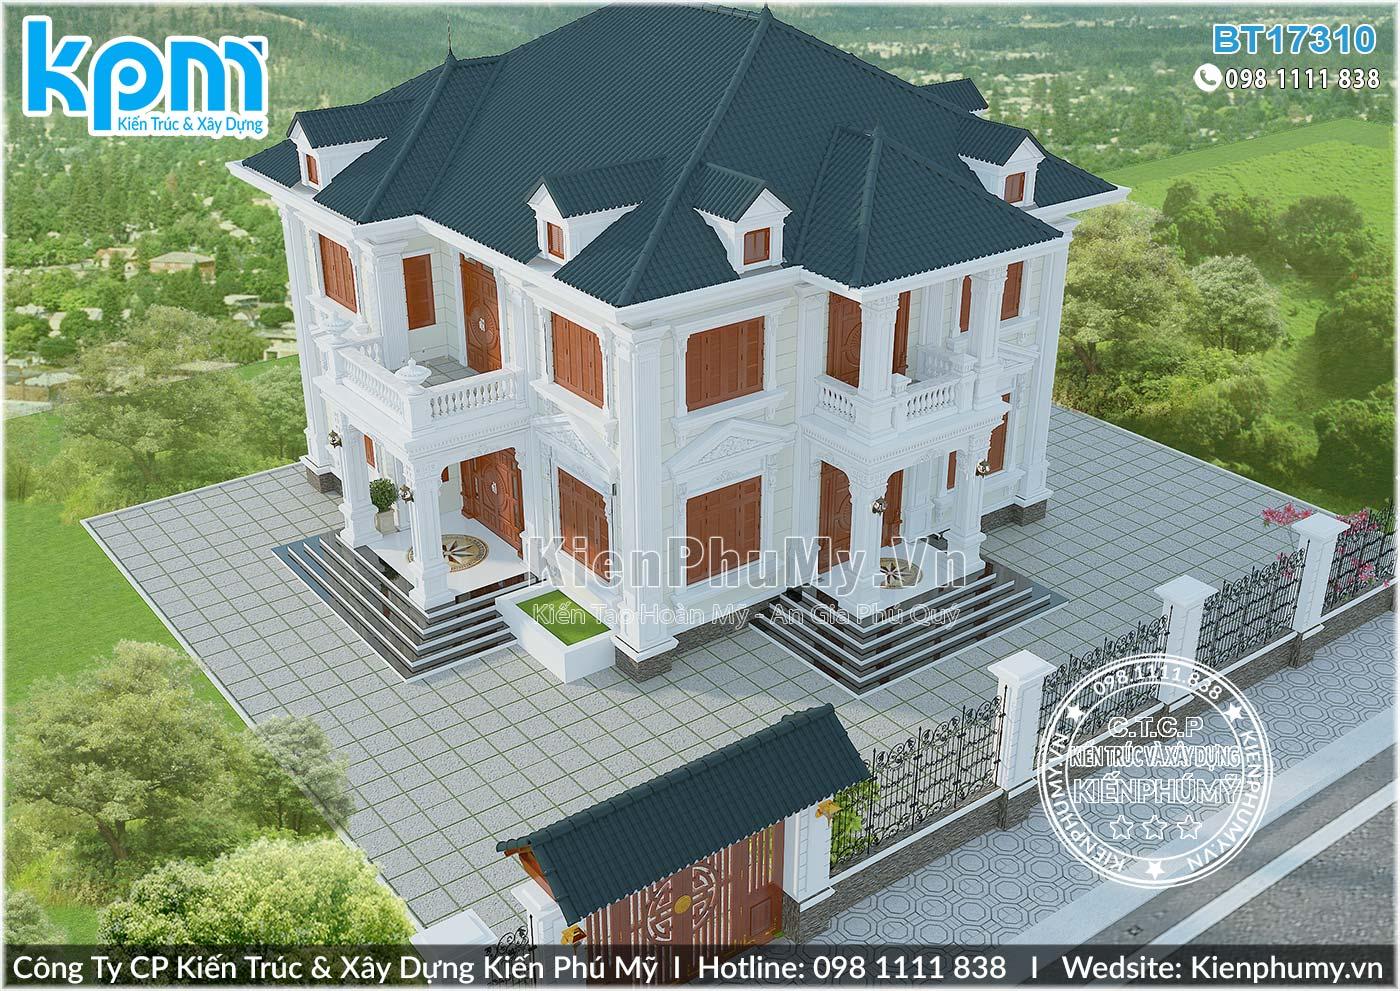 Thiết kế biệt thự tân cổ điển 2 tầng 150m2